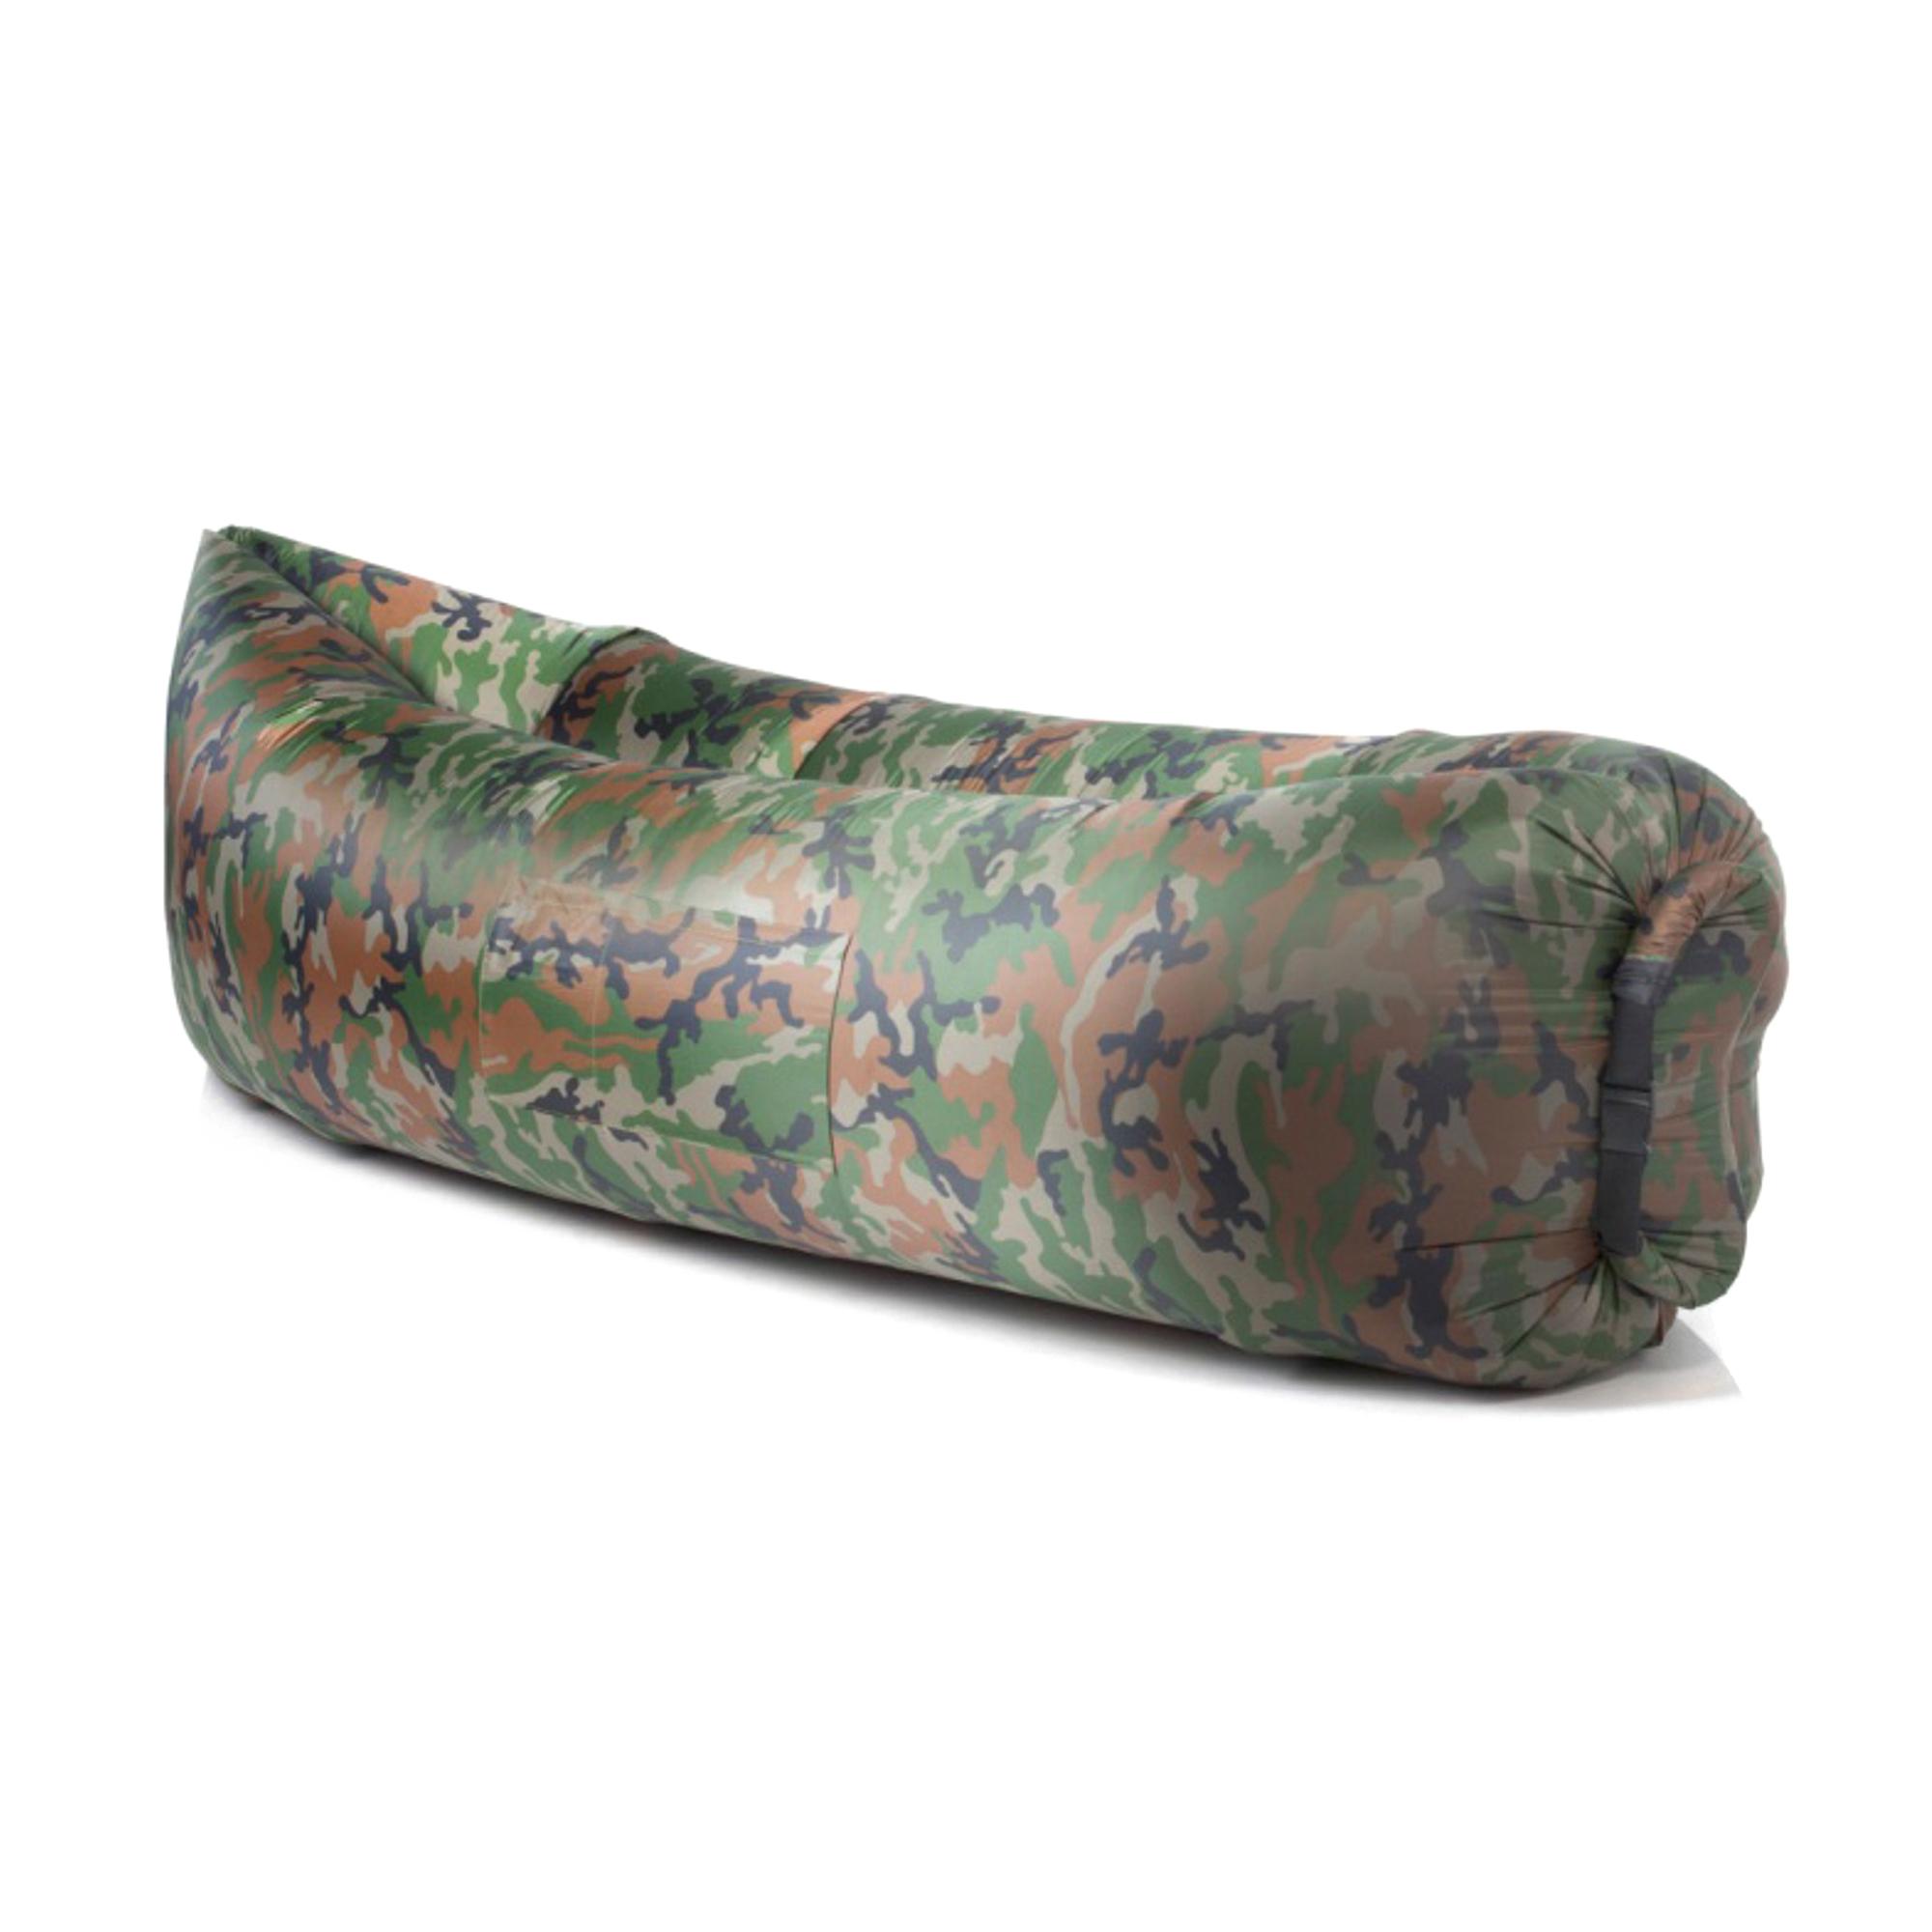 Надувной лежак Aerodivan камуфляж (НЛ116)